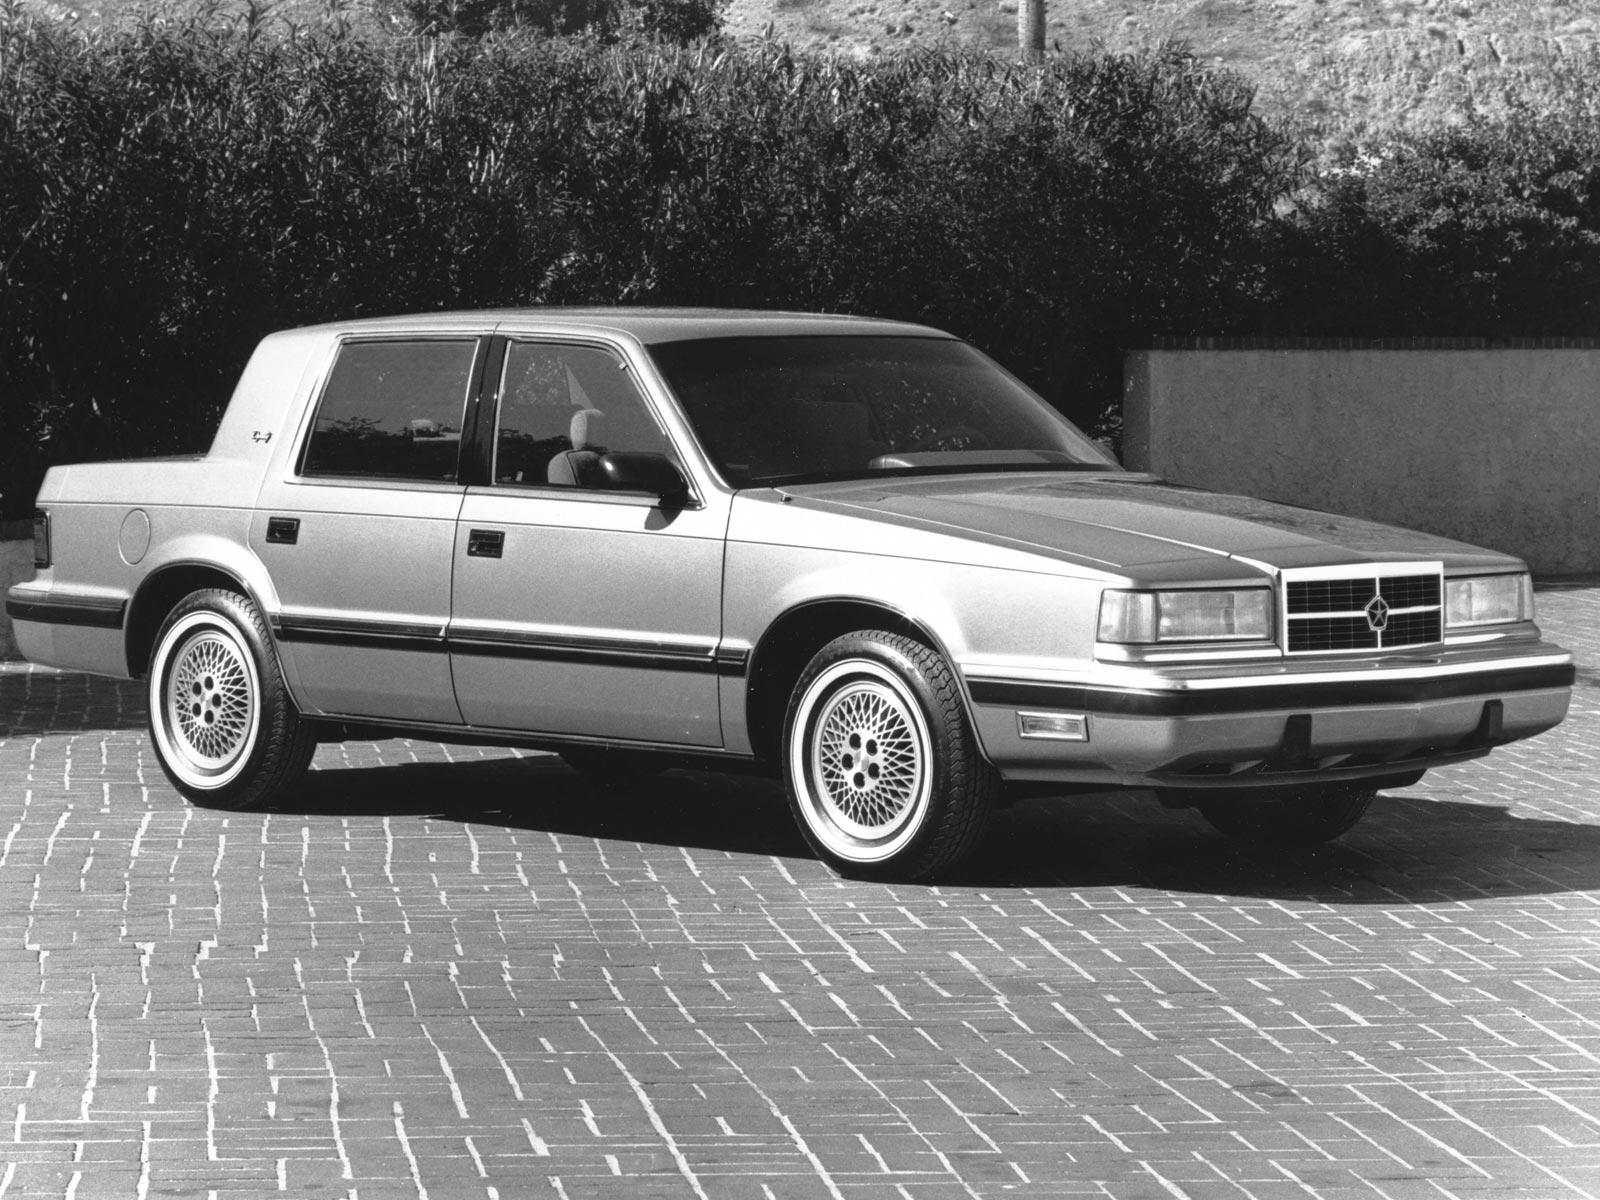 1993 Dodge Dynasty Fuse Box Map 300x274 93 Dodge Dynasty Fuse Box ...